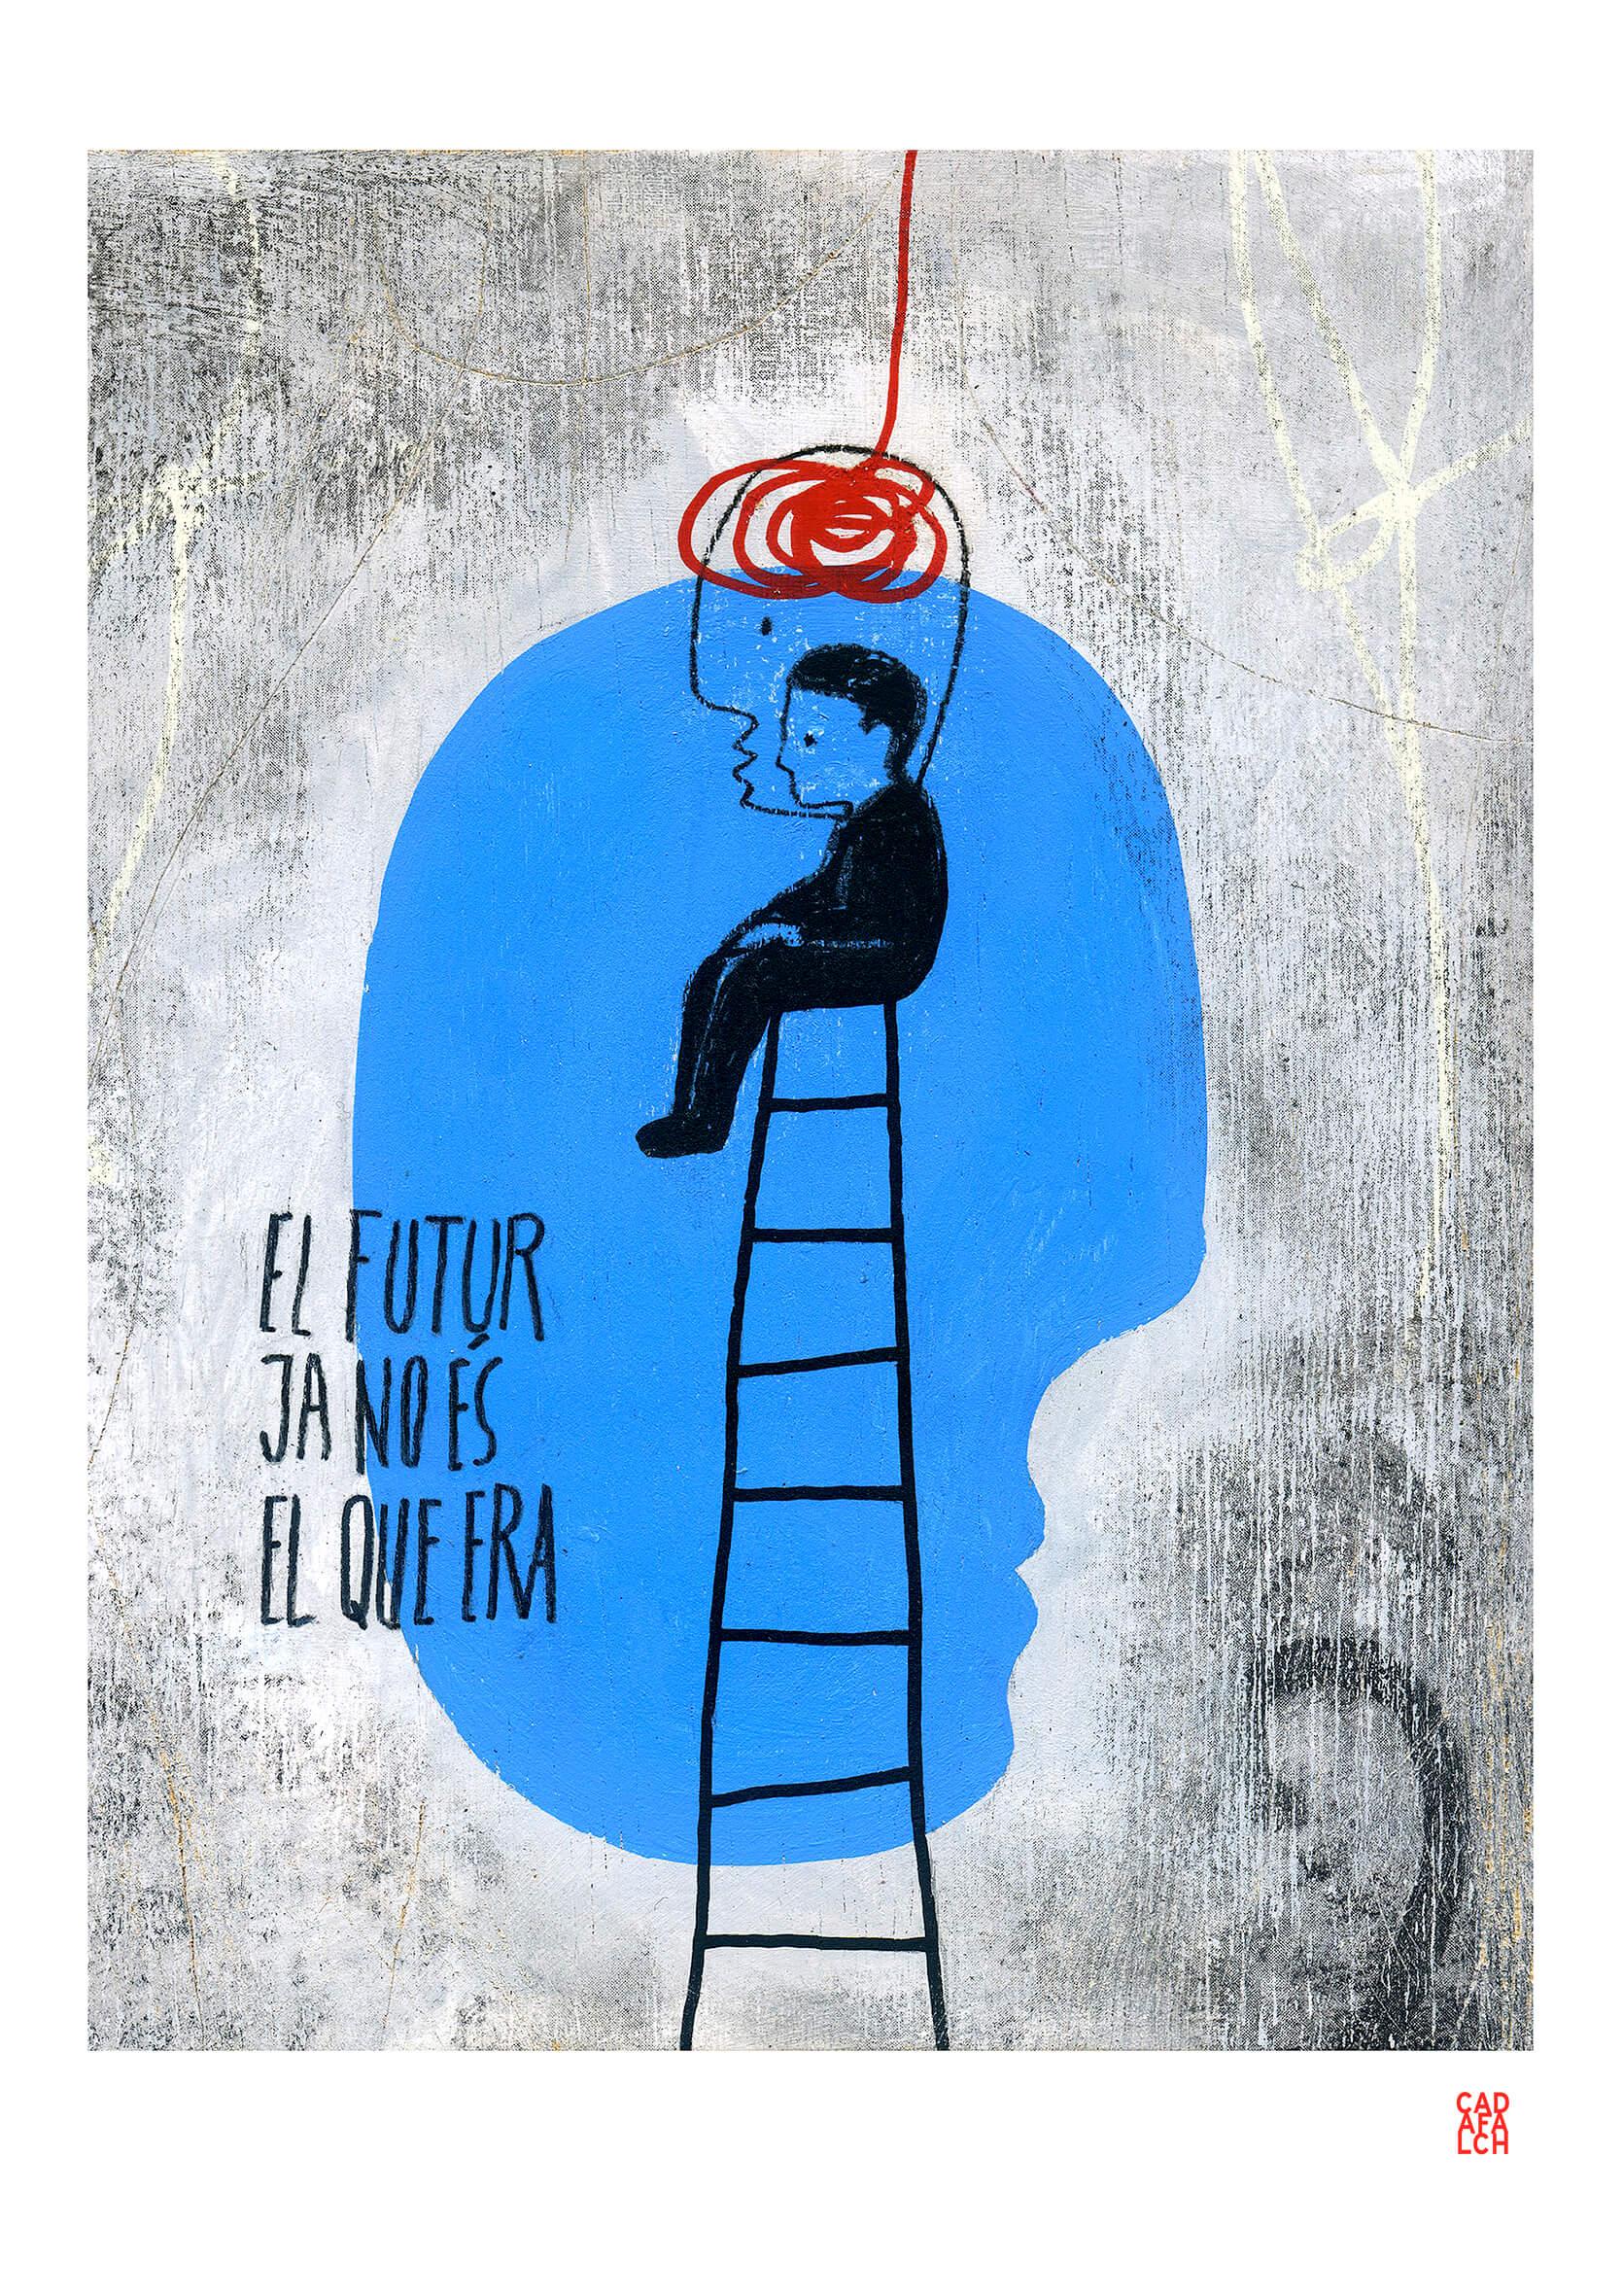 03.El-Futur-A3 Lluís Cadafalch - Obra gràfica